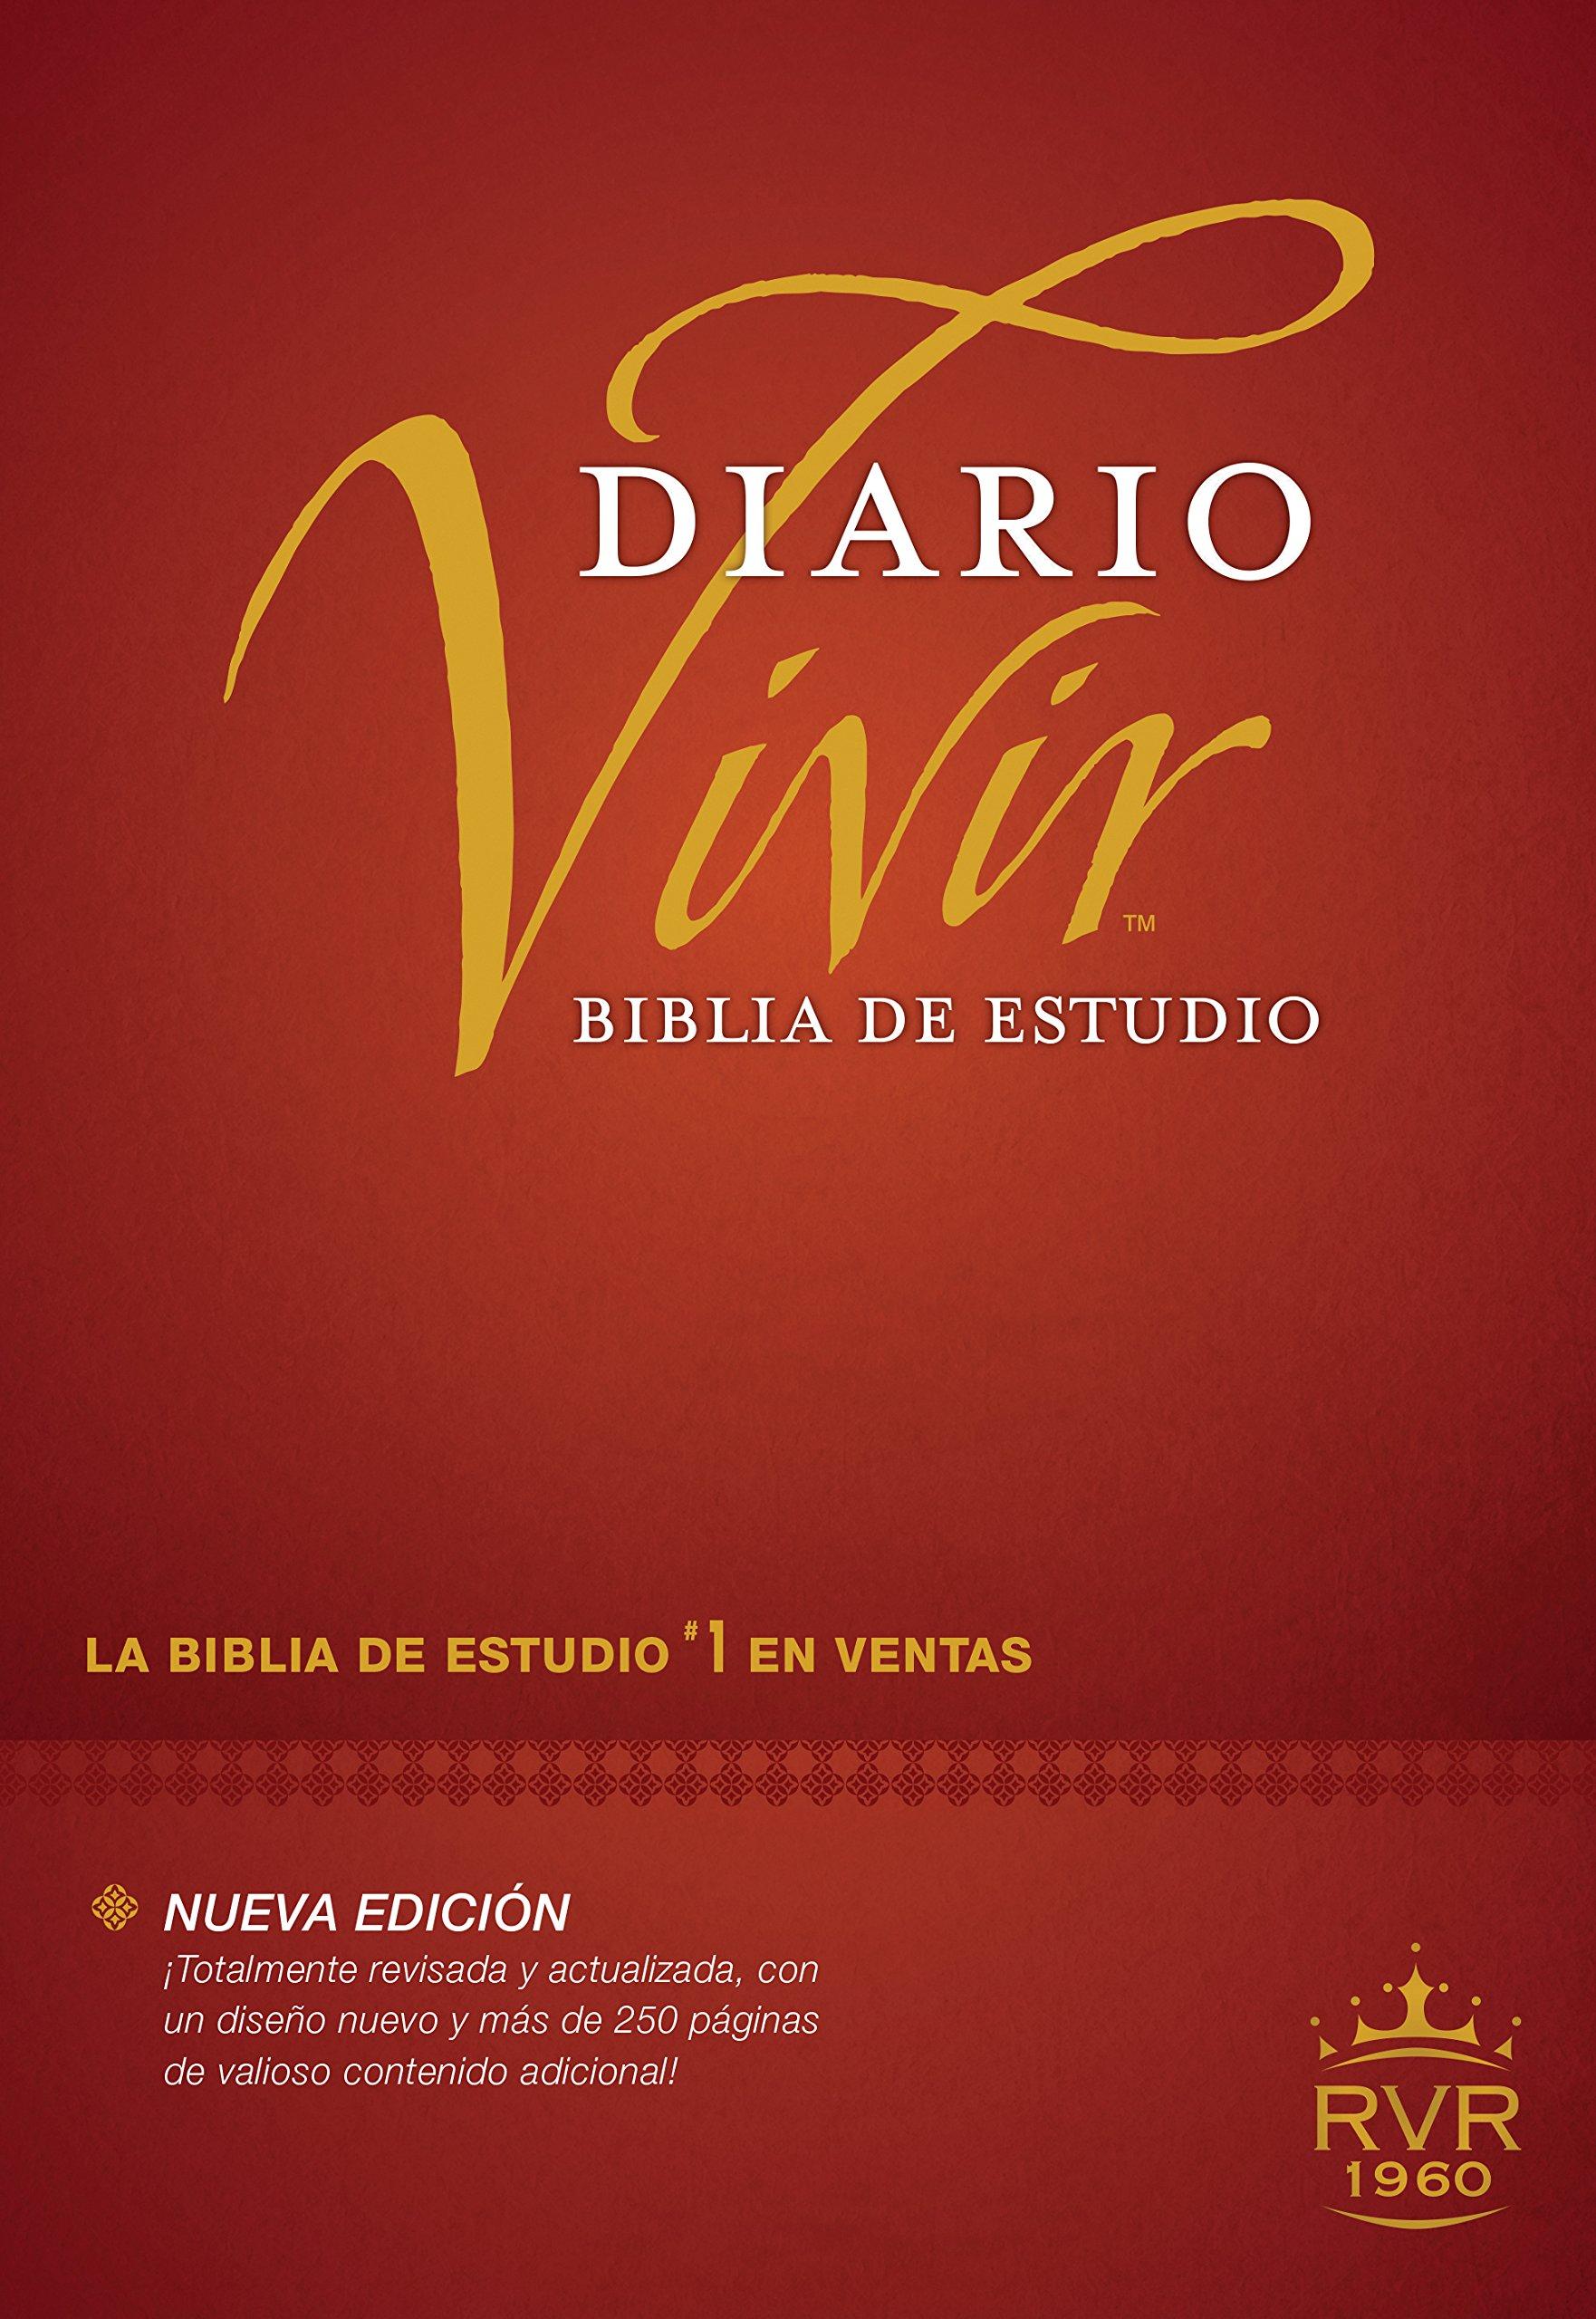 Biblia de Estudio Diario Vivir Nueva Edición